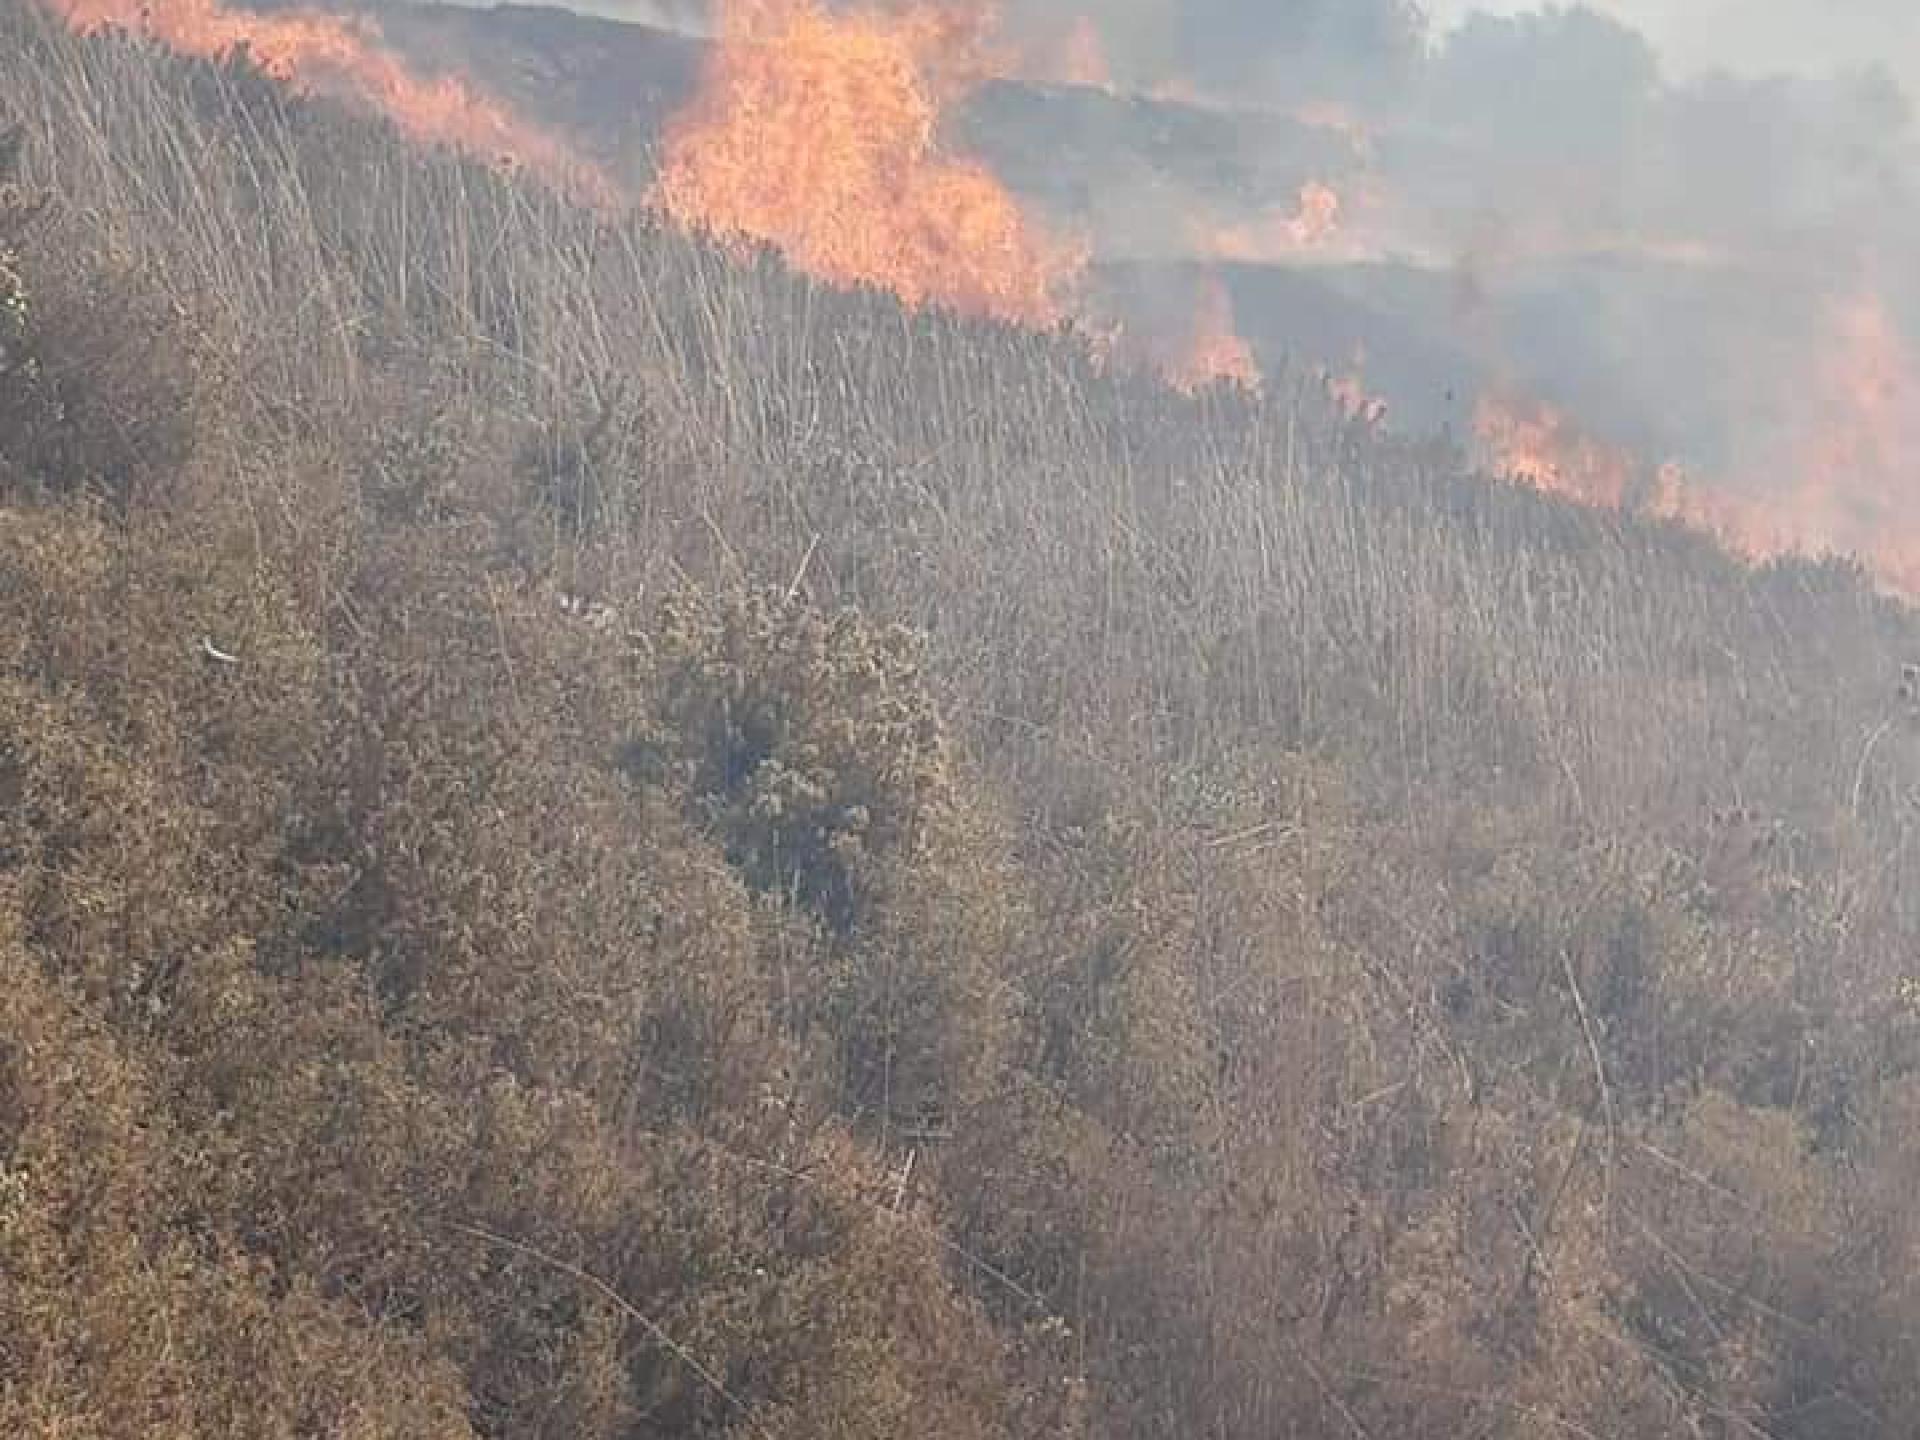 האש מתפשטת ומכלה את עצי הזית